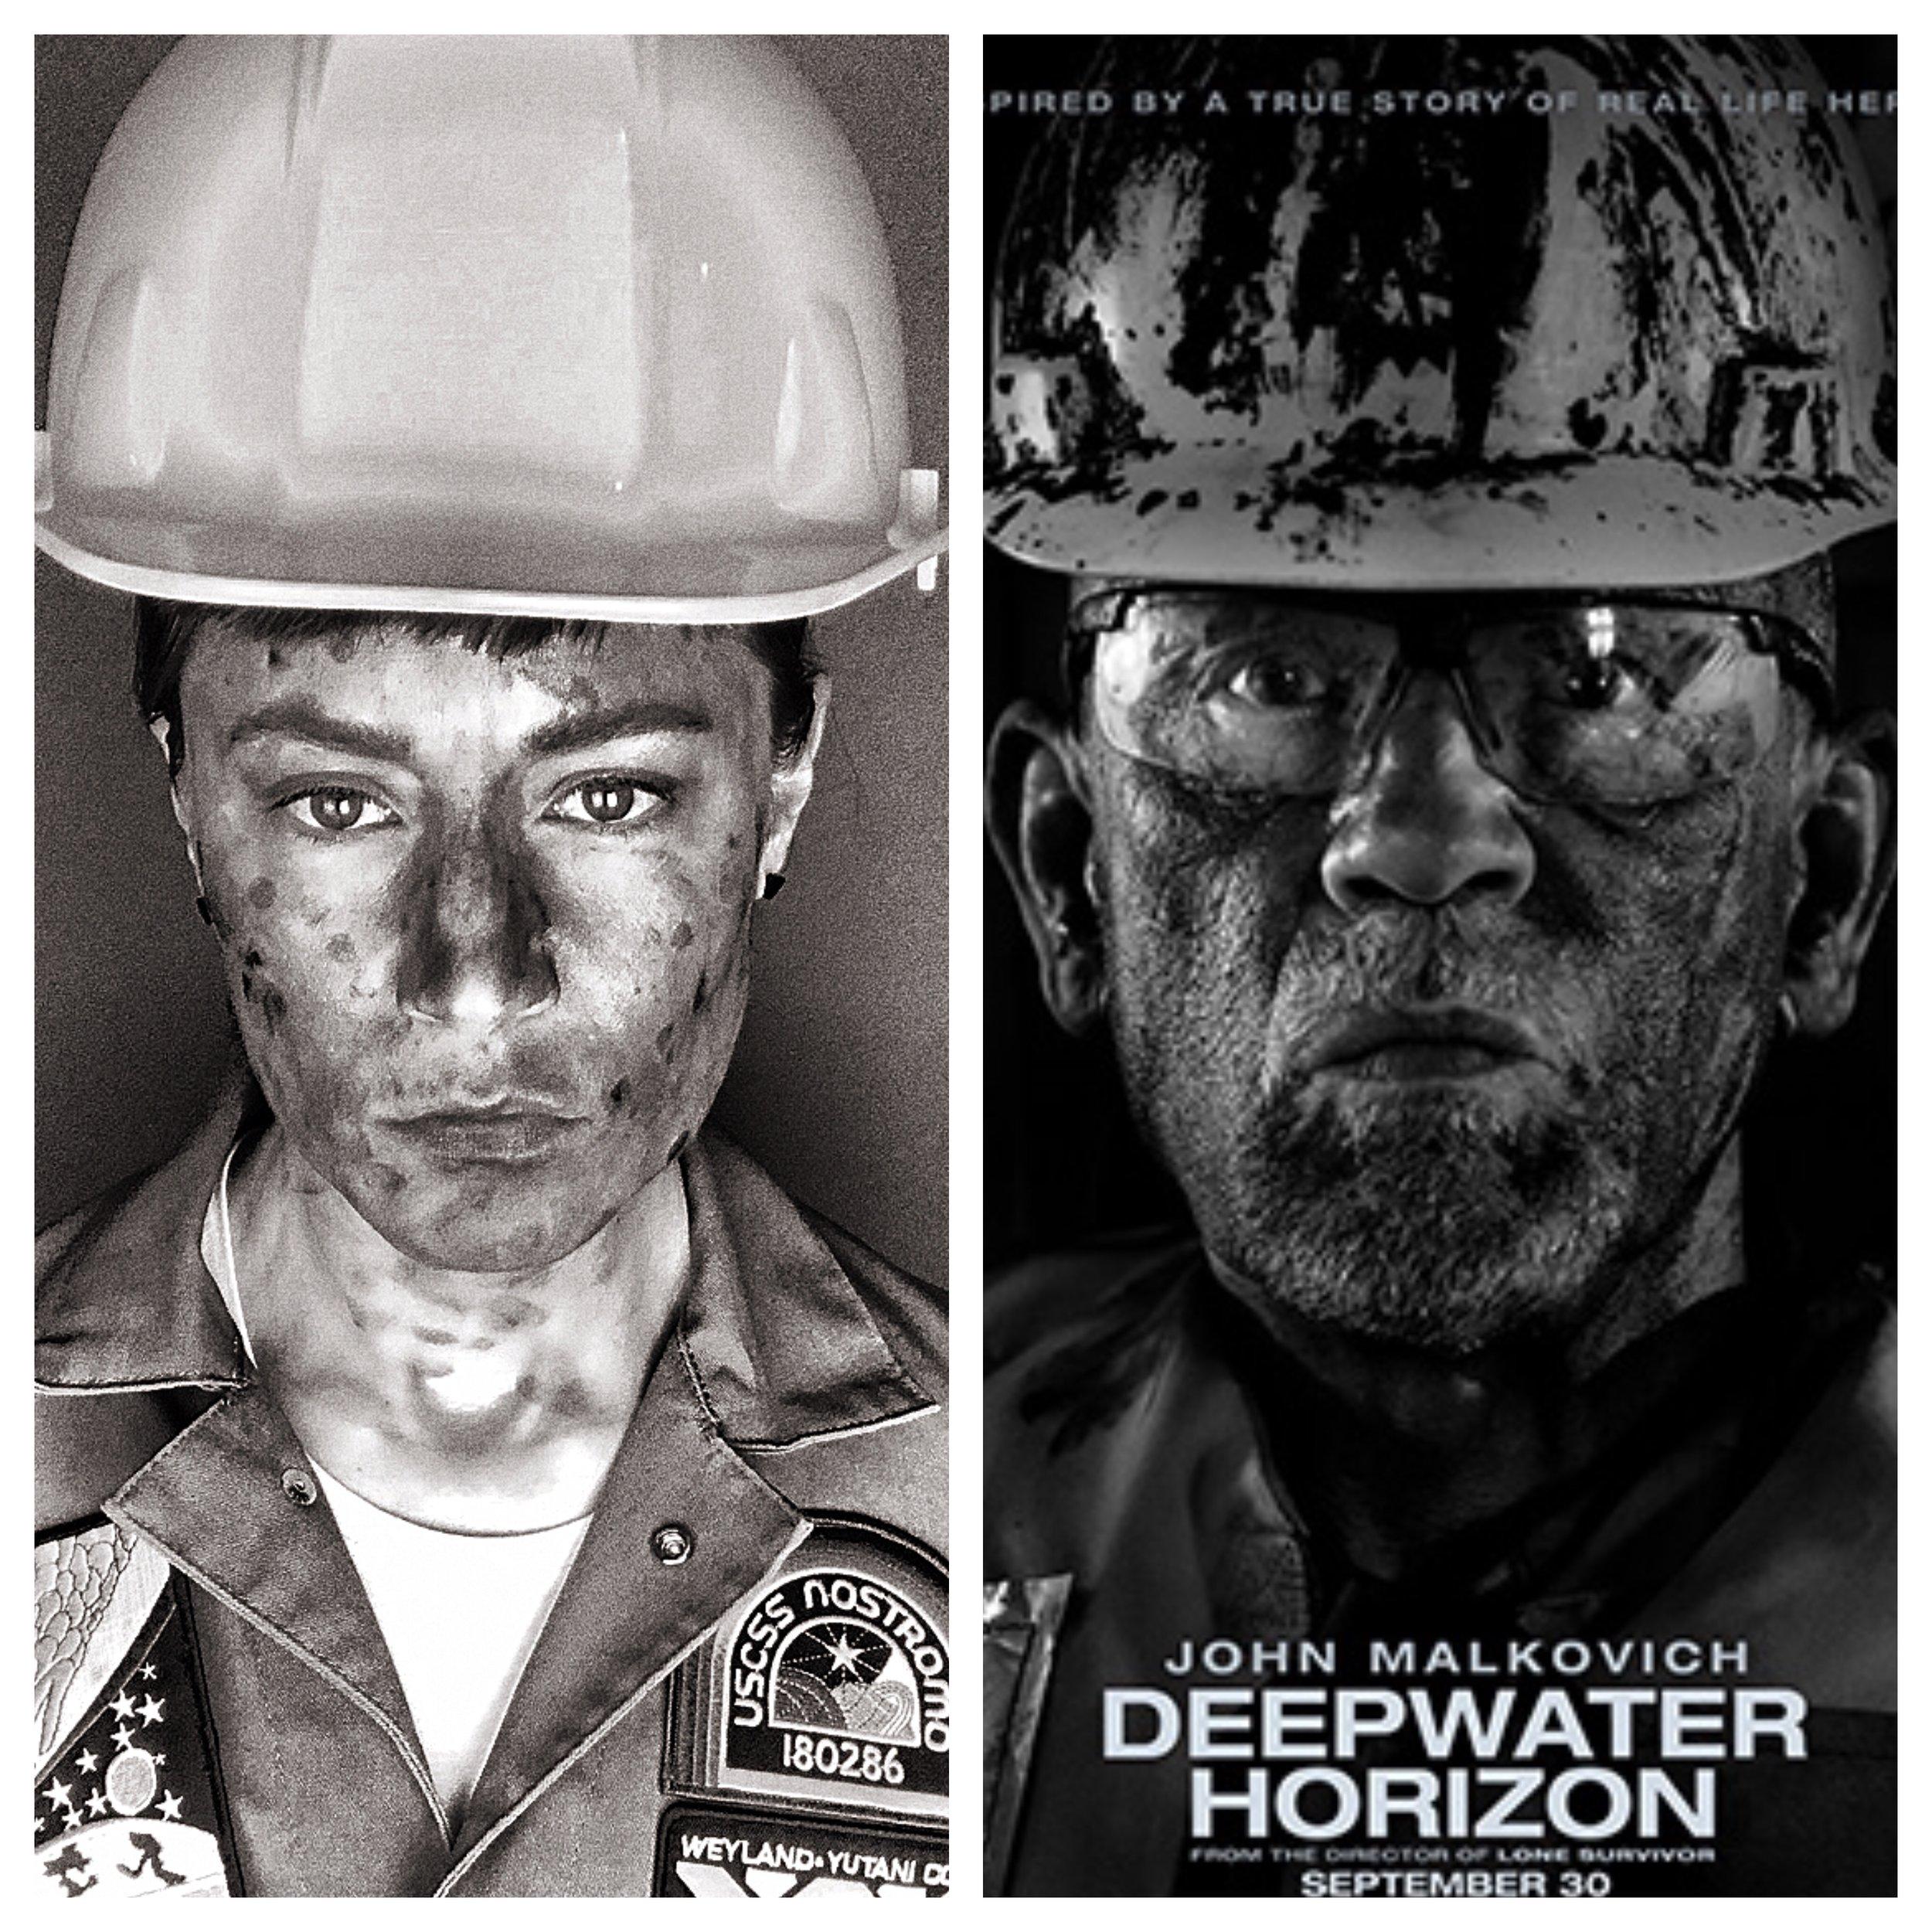 Deepwater Horizon Portrait.JPG